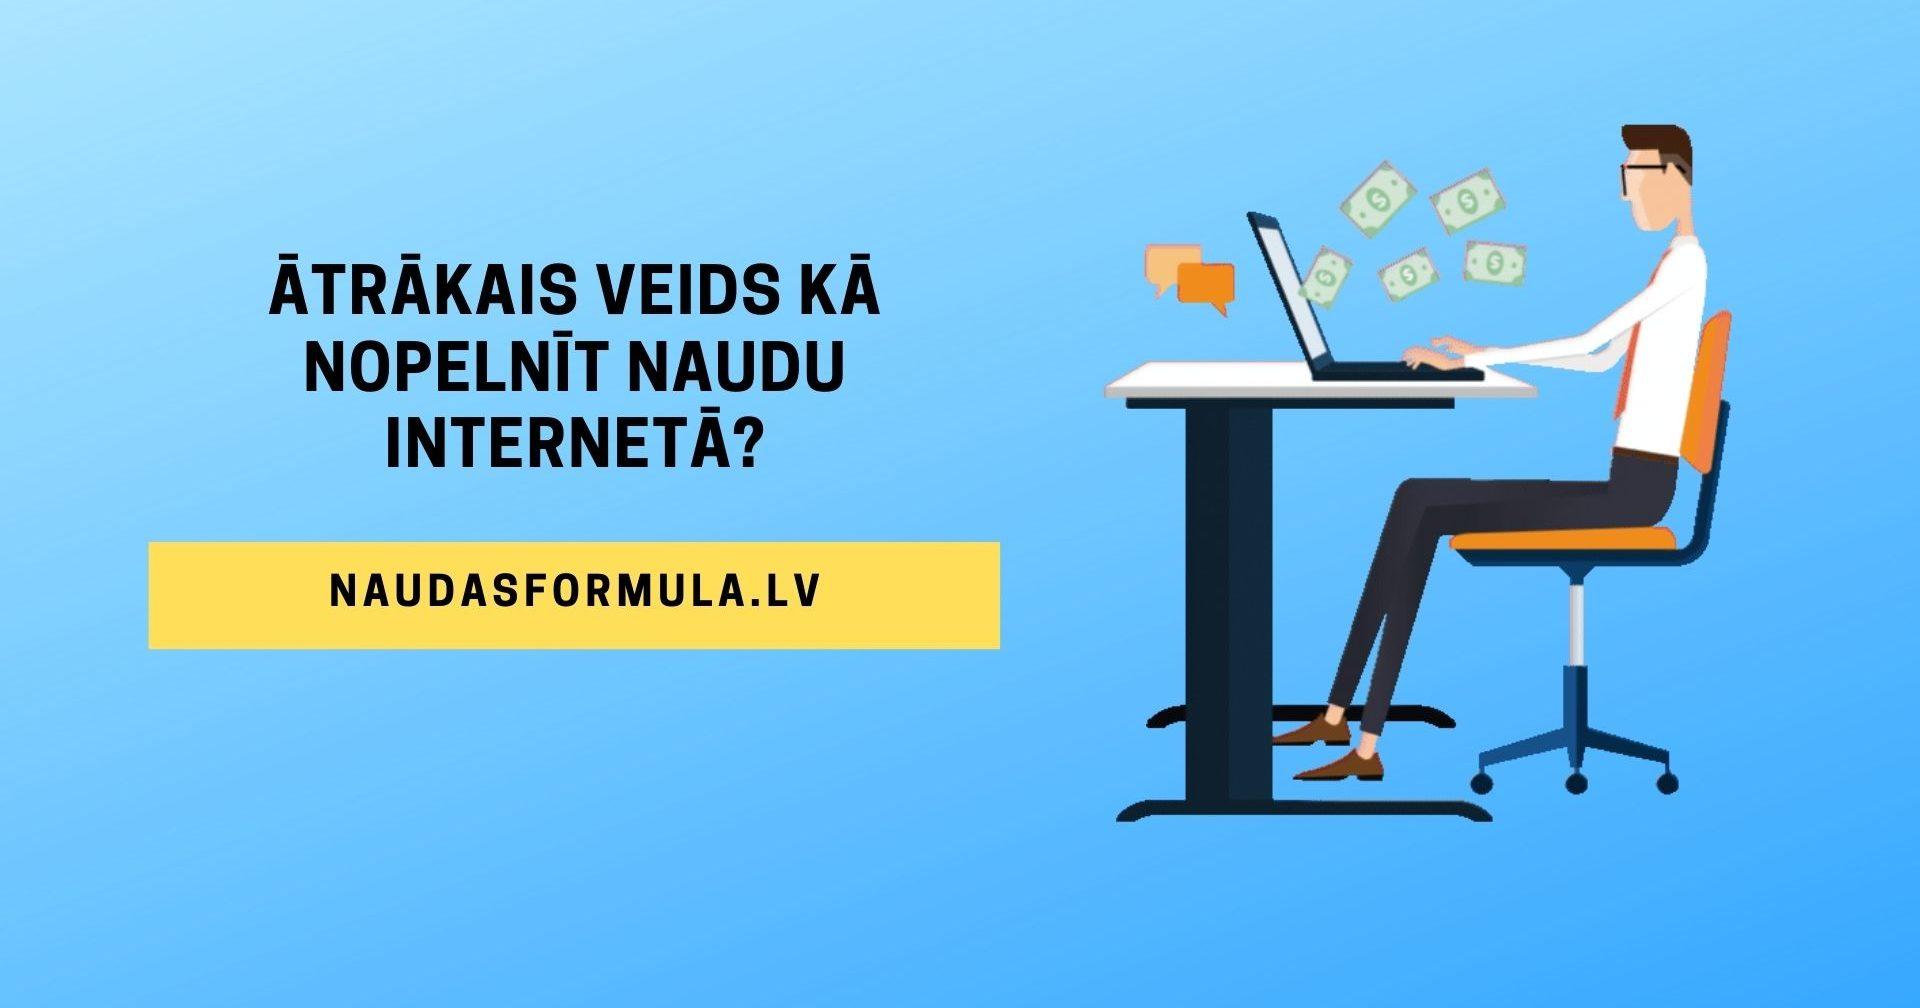 vai ir moderni nopelnīt naudu internetā